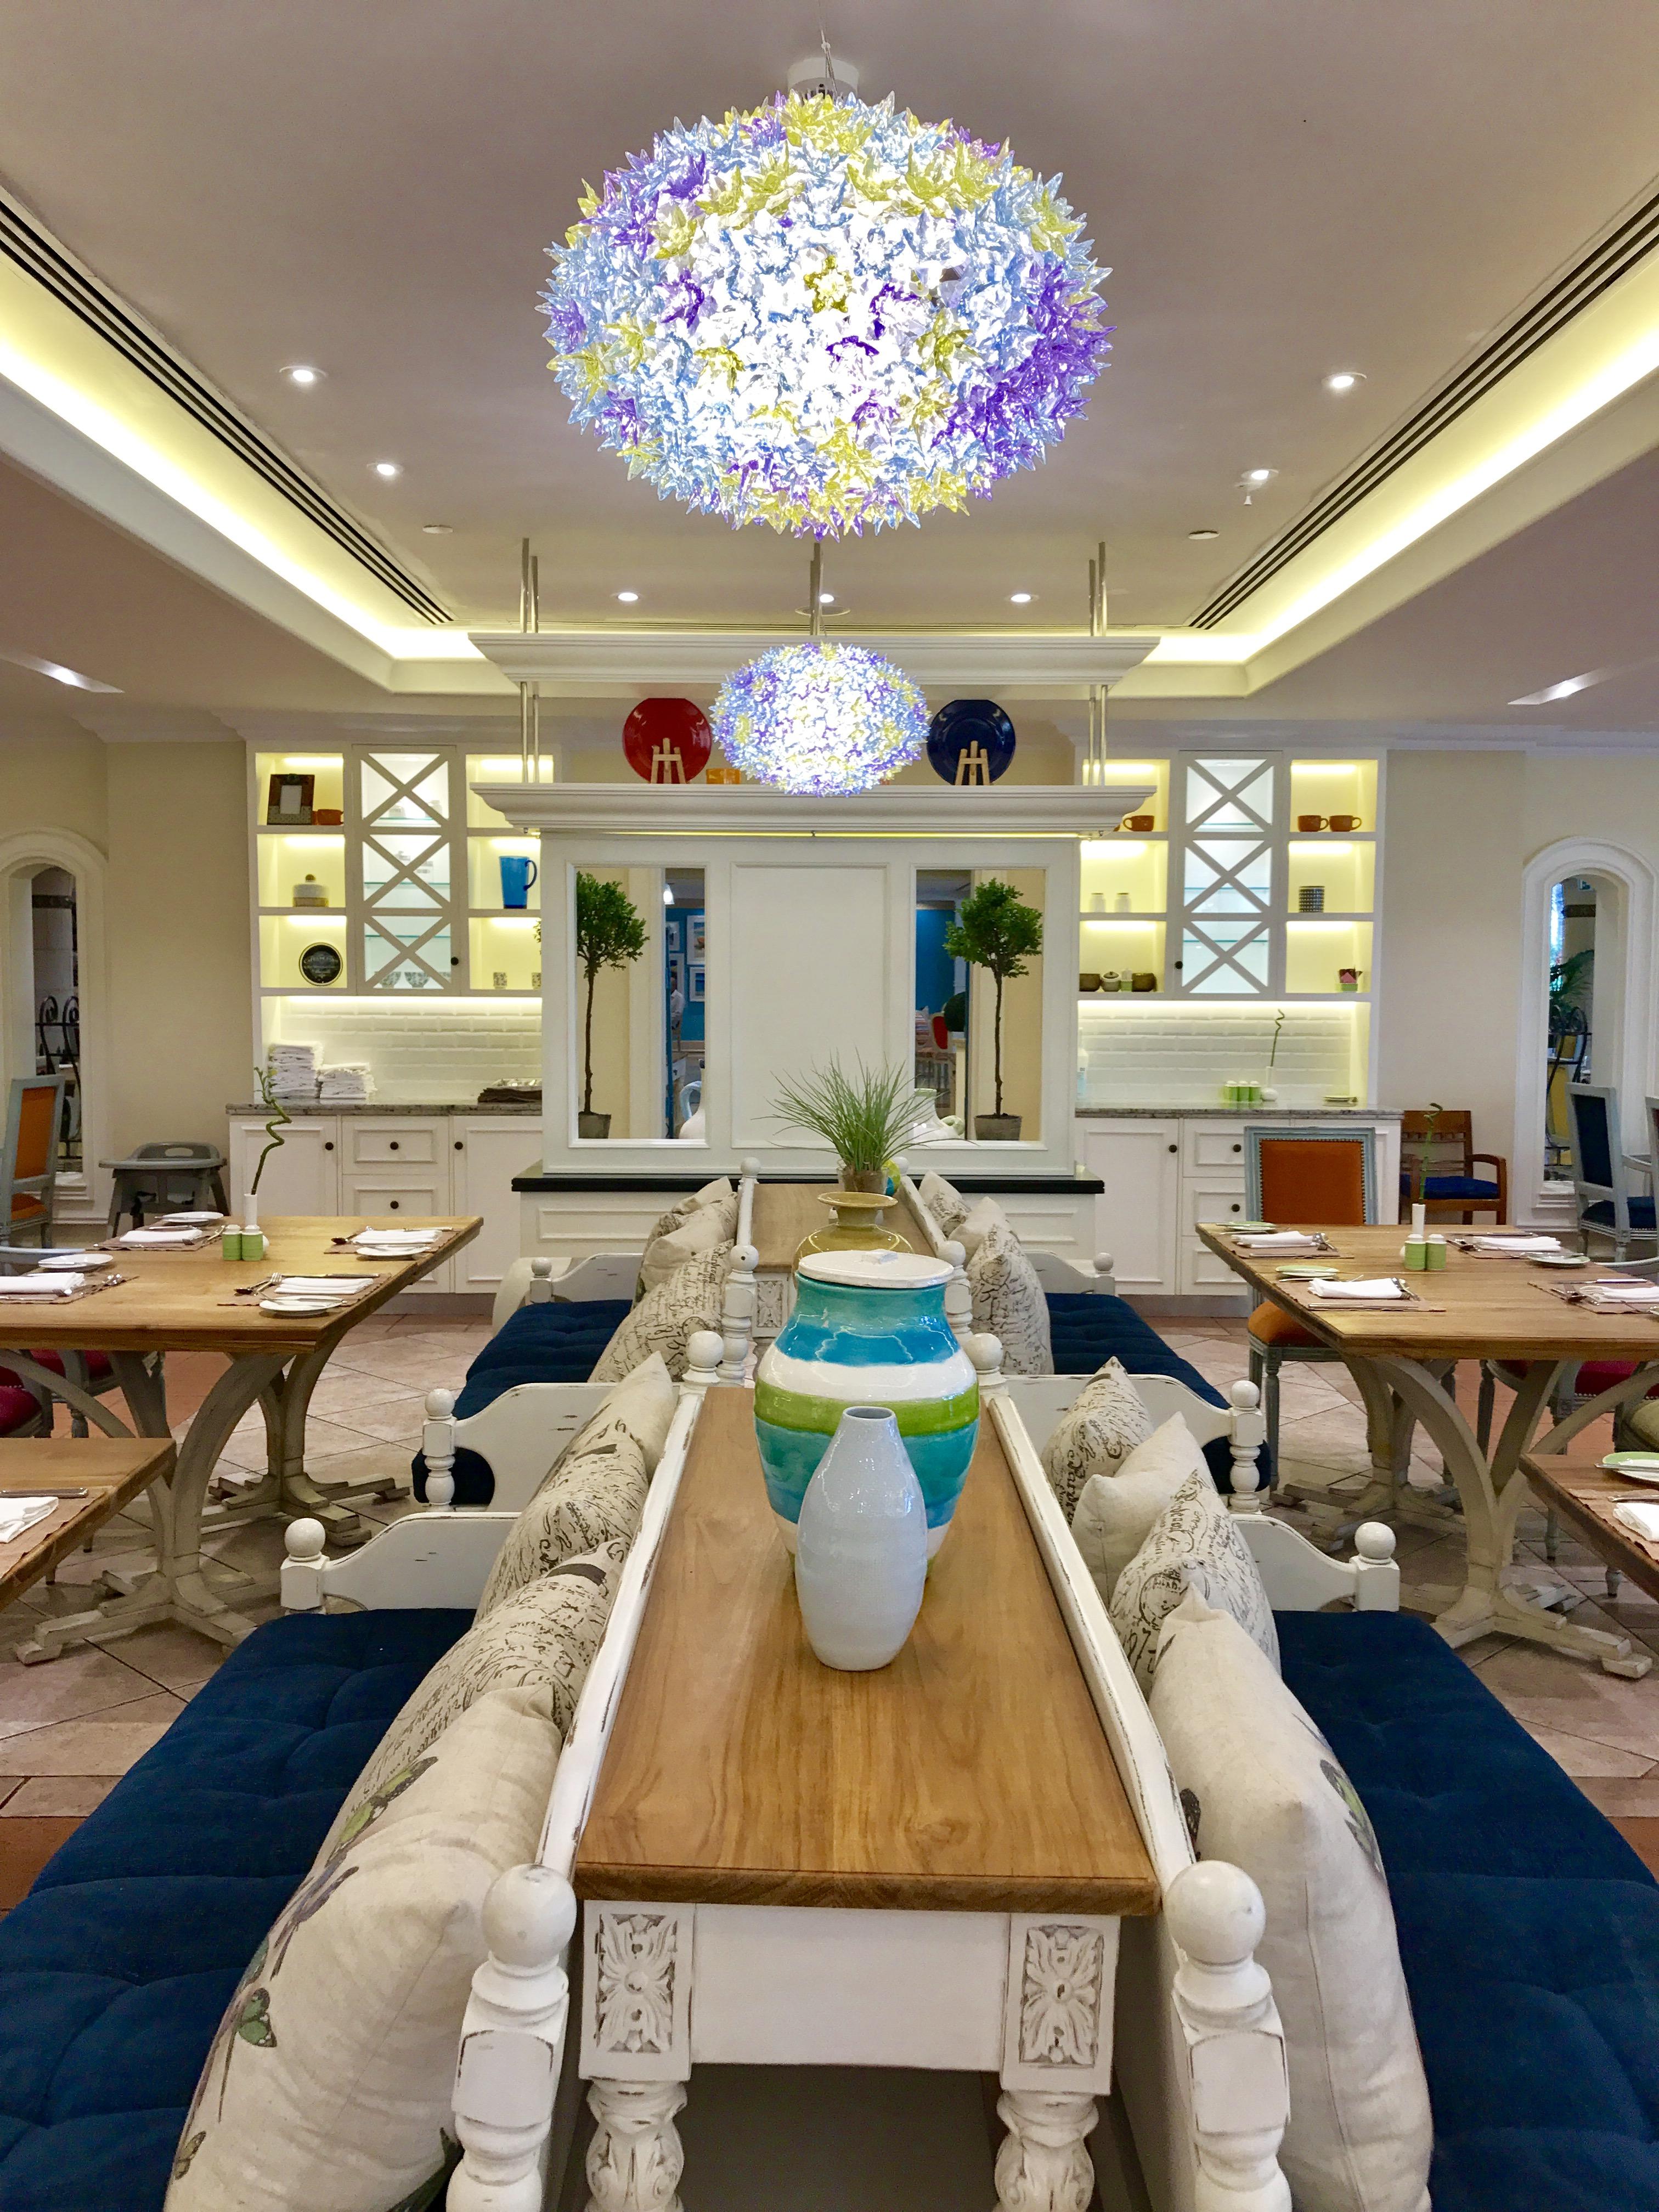 Cote Jardin Restaurant - 11